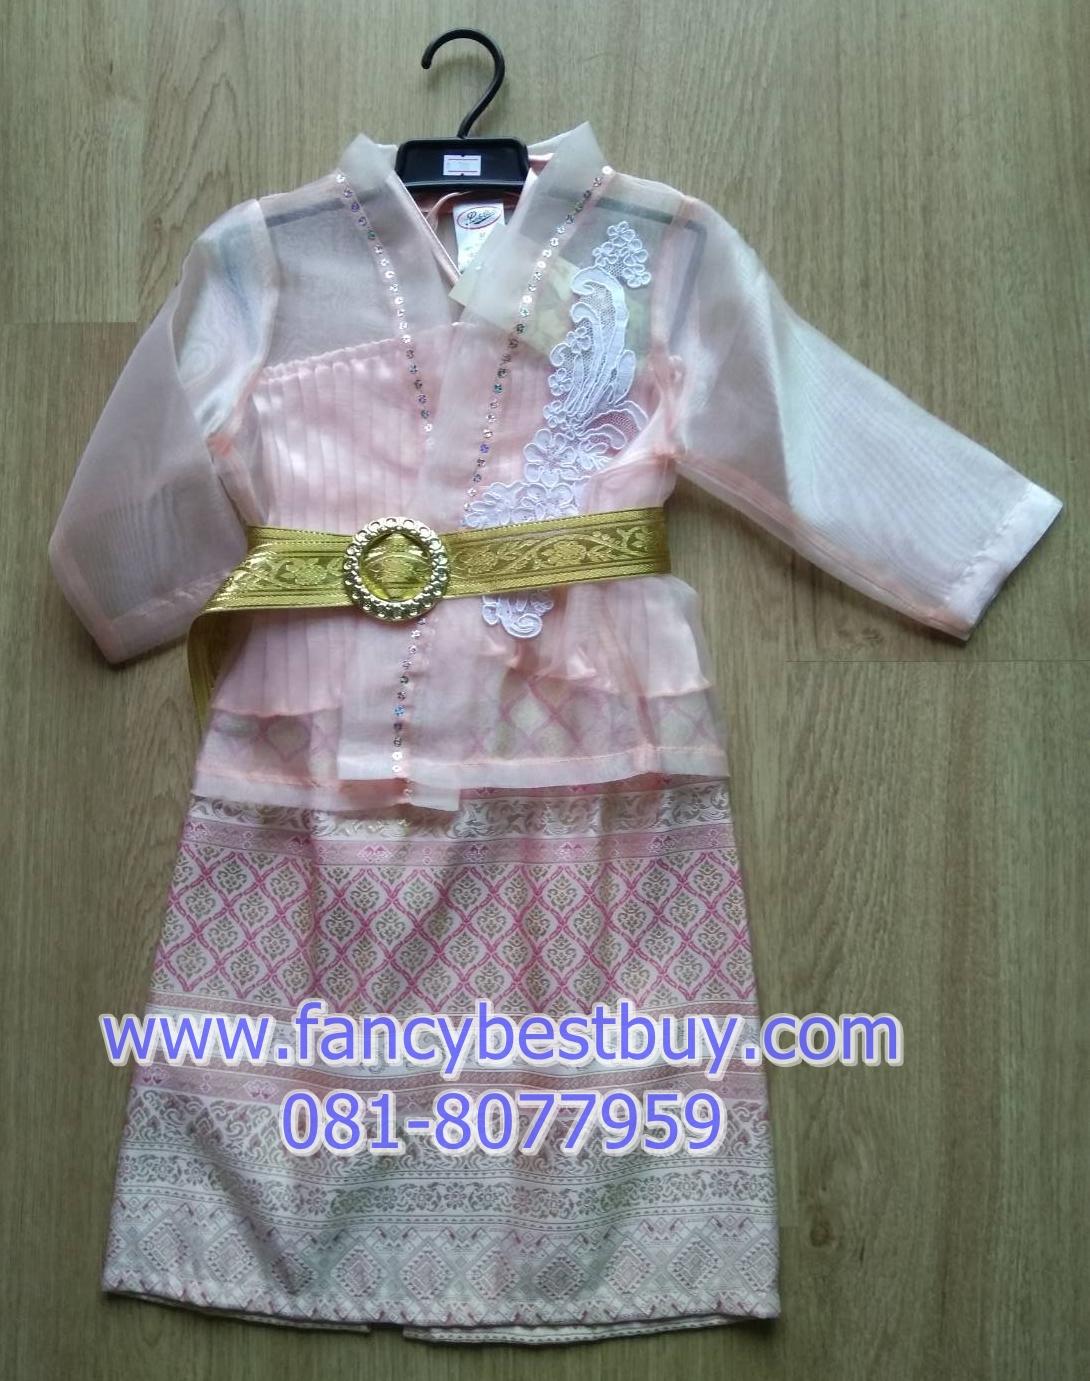 ชุดประจำชาติพม่า Burma สำหรับเด็กหญิง ขนาด M (เหมาะกับเด็ก 95-105 ซม)